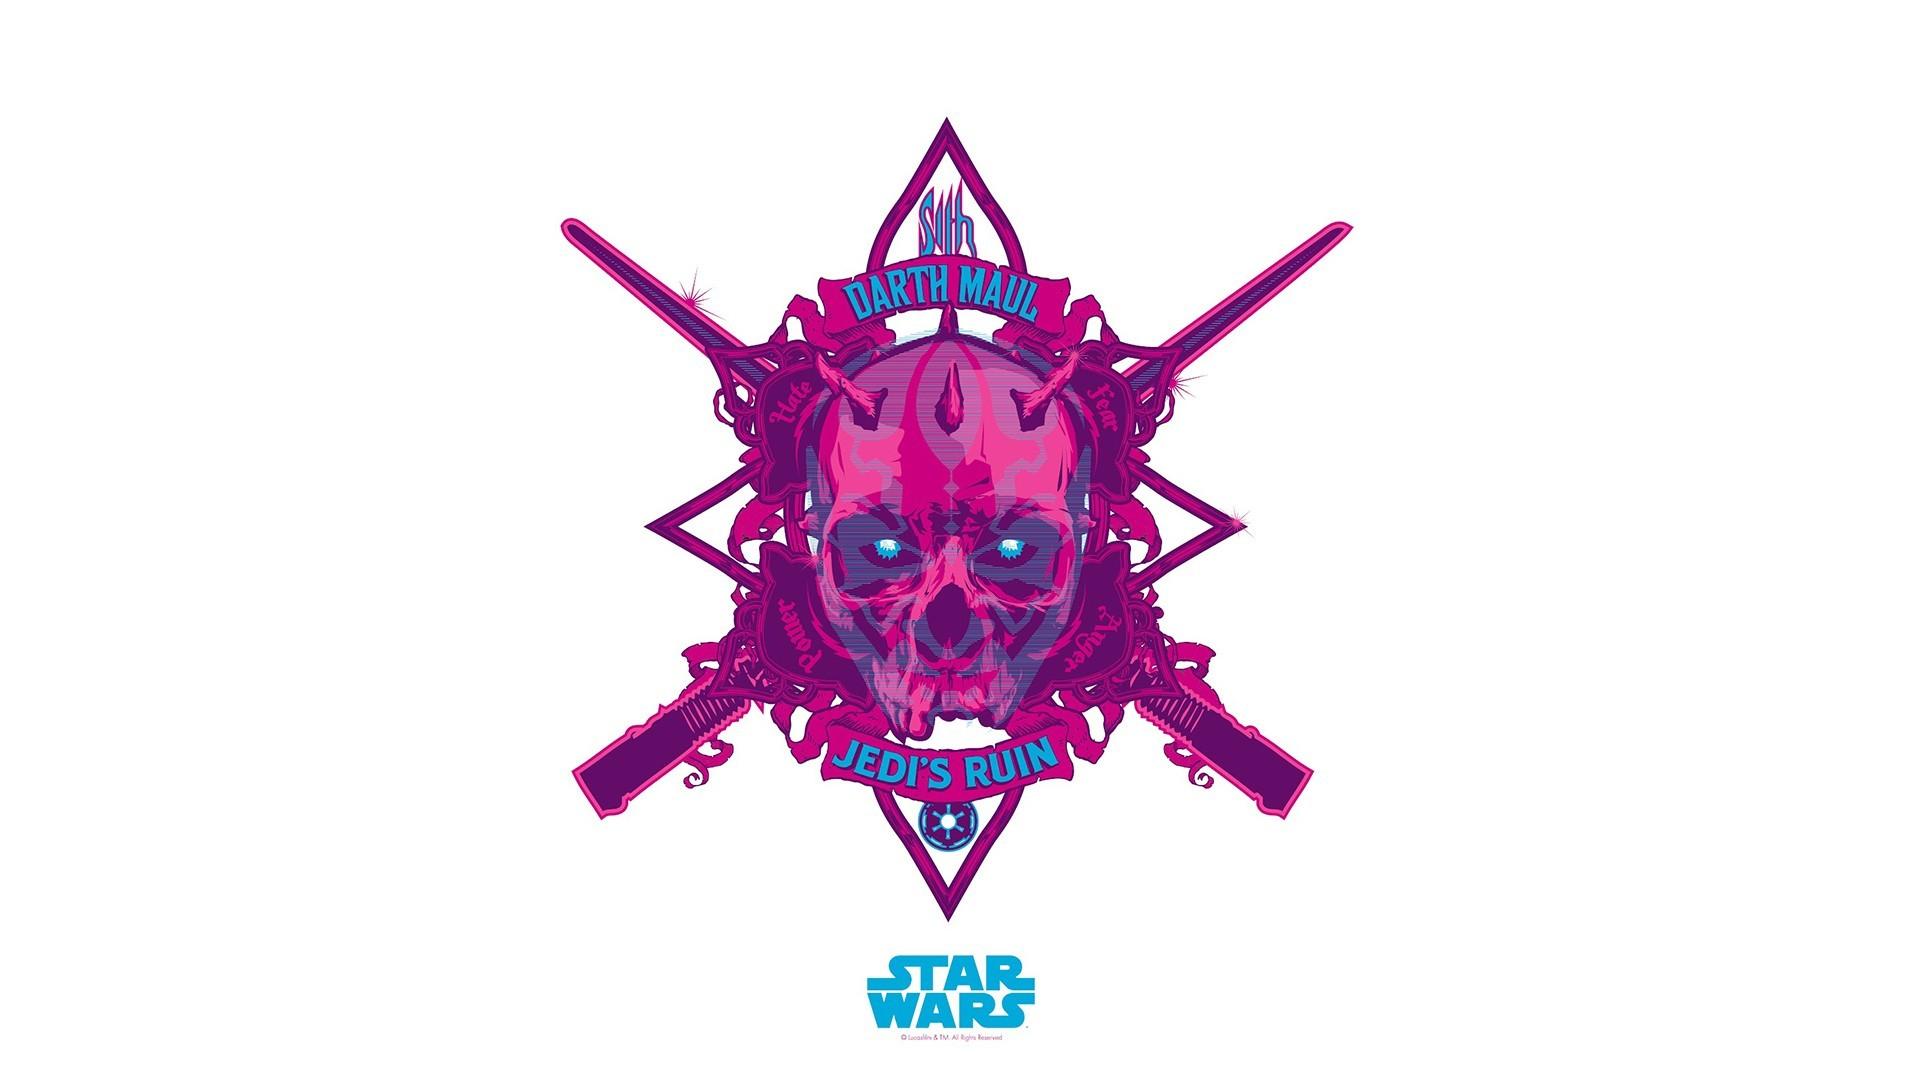 Star Wars Skull Darth Maul d wallpaper     136958   WallpaperUP